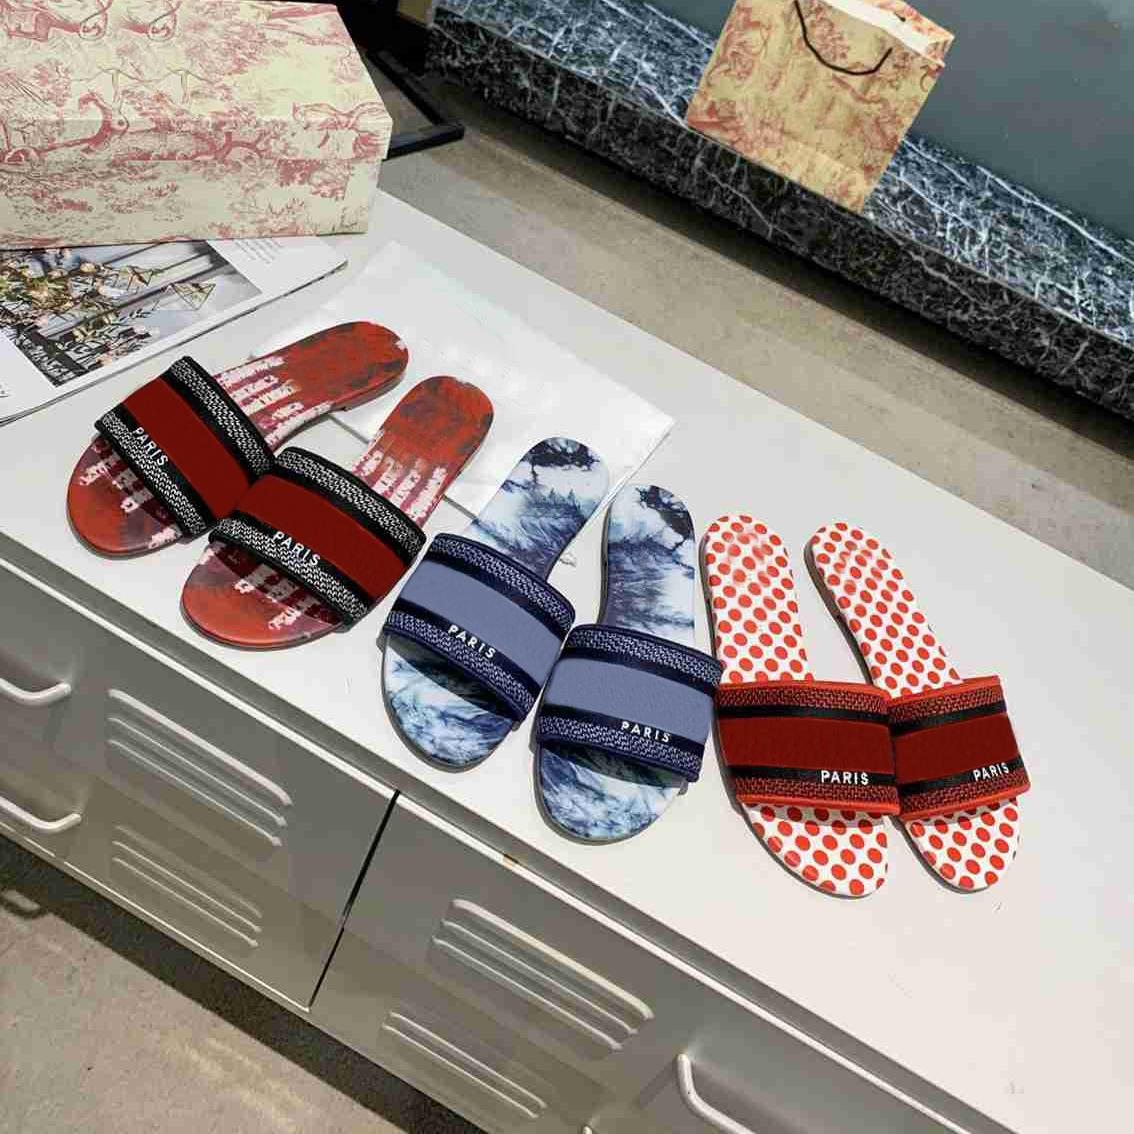 desiner nuevas mujeres sandalias sandalias zapatillas bordado sandalia chanclas a rayas playa cuero genuino zapatilla con caja superior de calidad